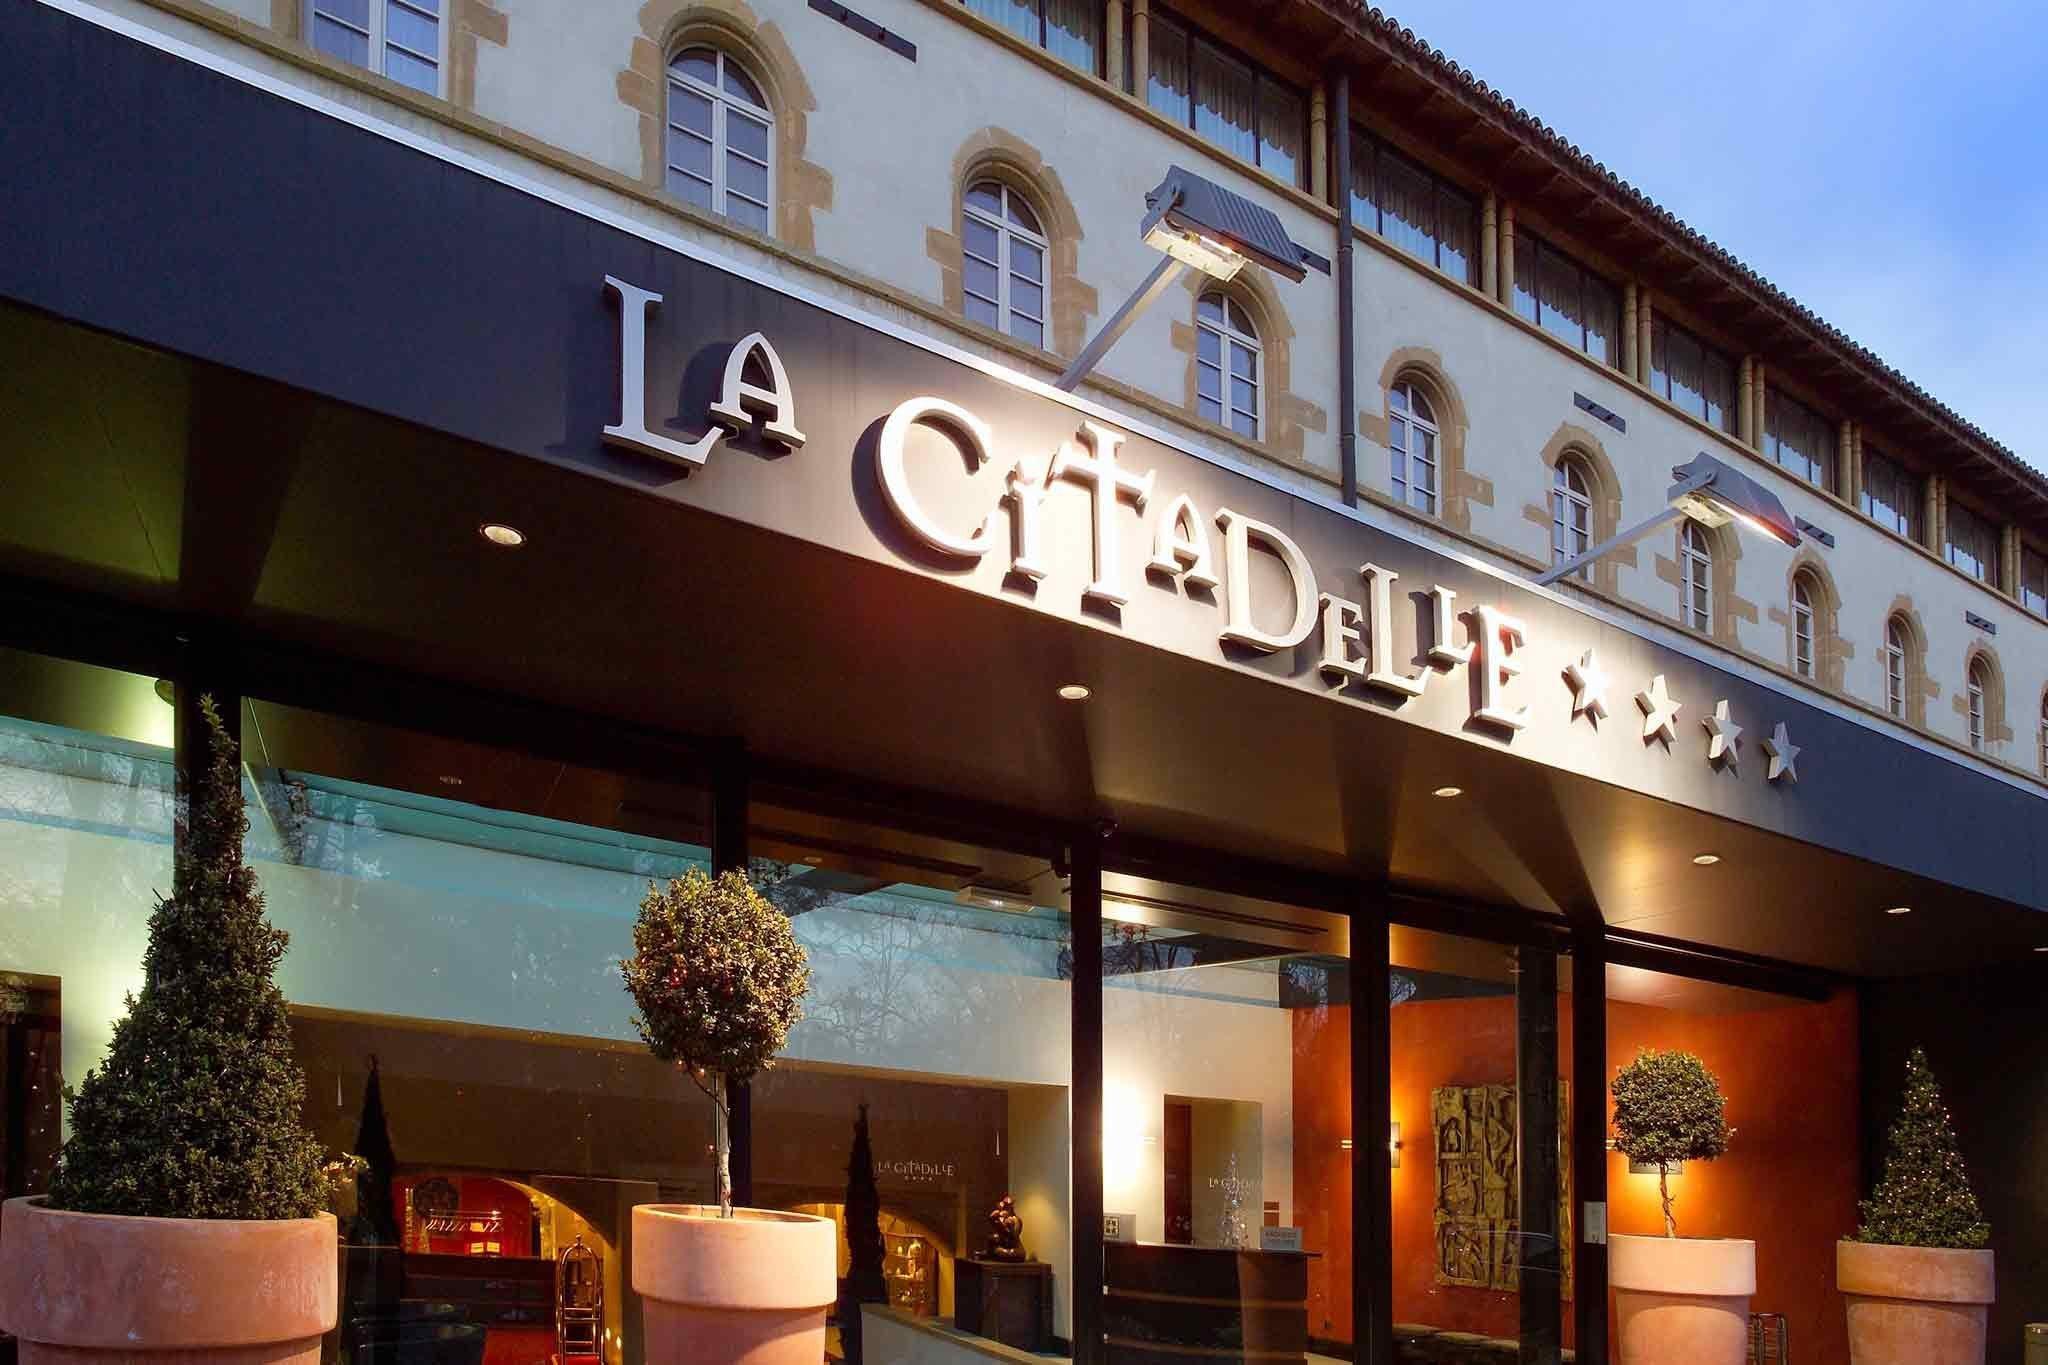 ホテル ラ シタデル